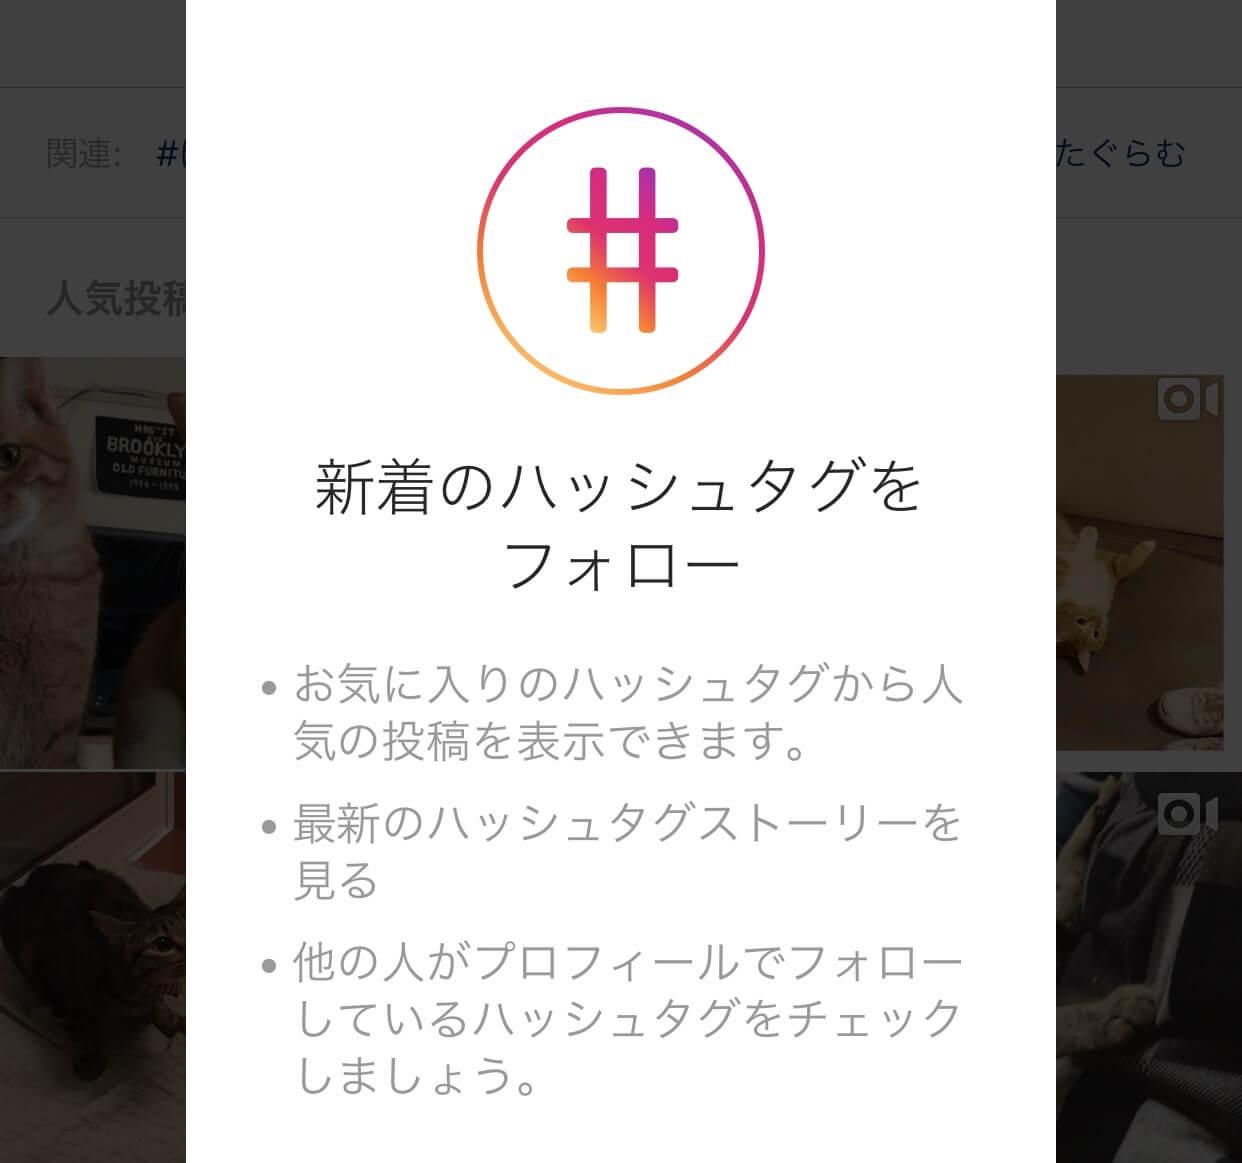 新着のハッシュタグをフォロー - Instagram